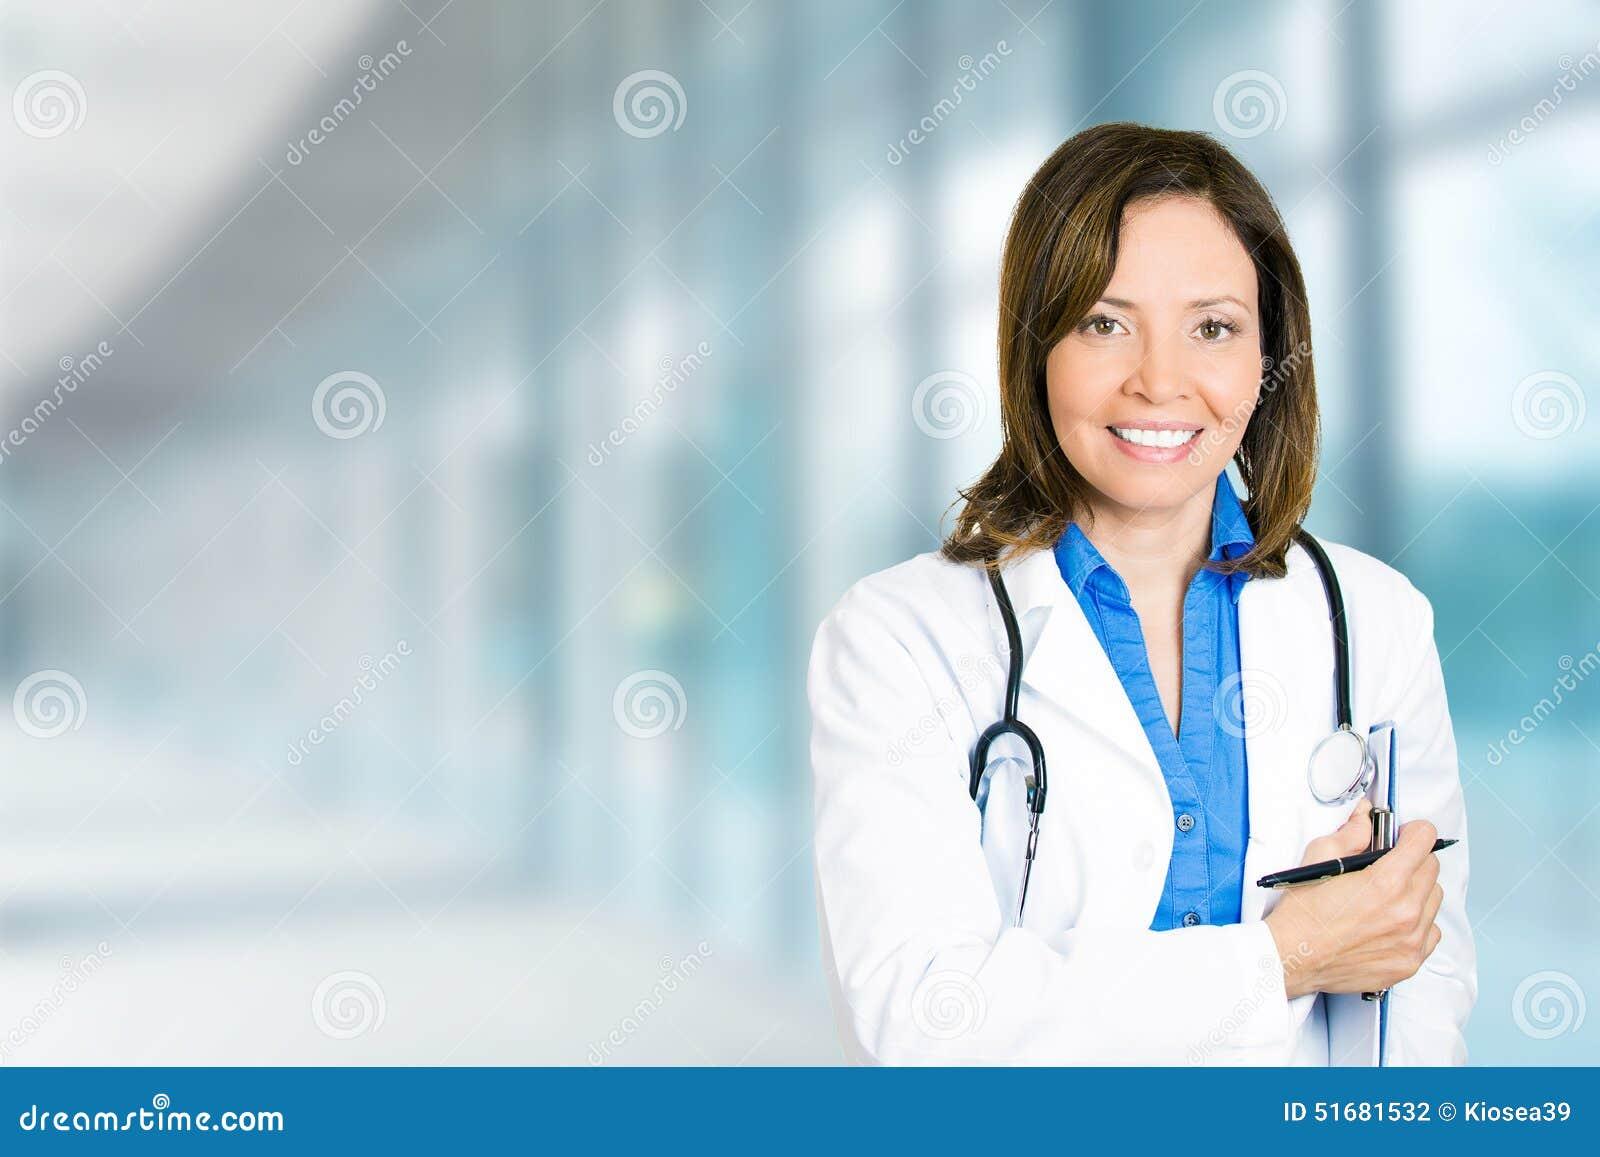 Medicinsk professionell för säker kvinnlig doktor i sjukhus